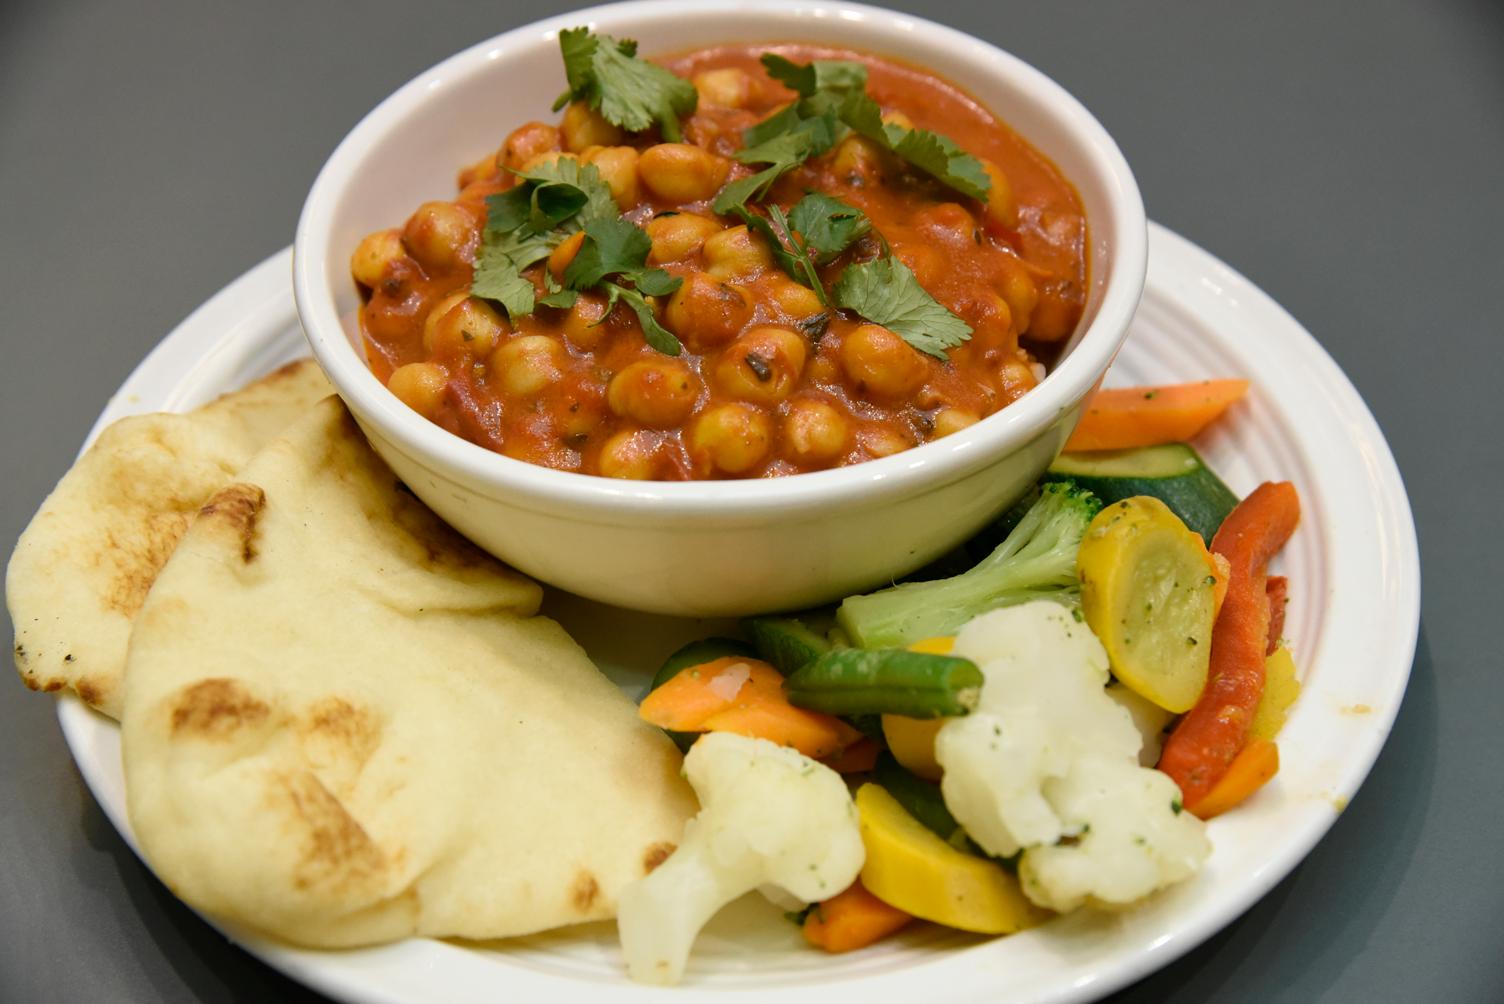 Chana Masala with Basmati Rice, Vegetables, and Naan